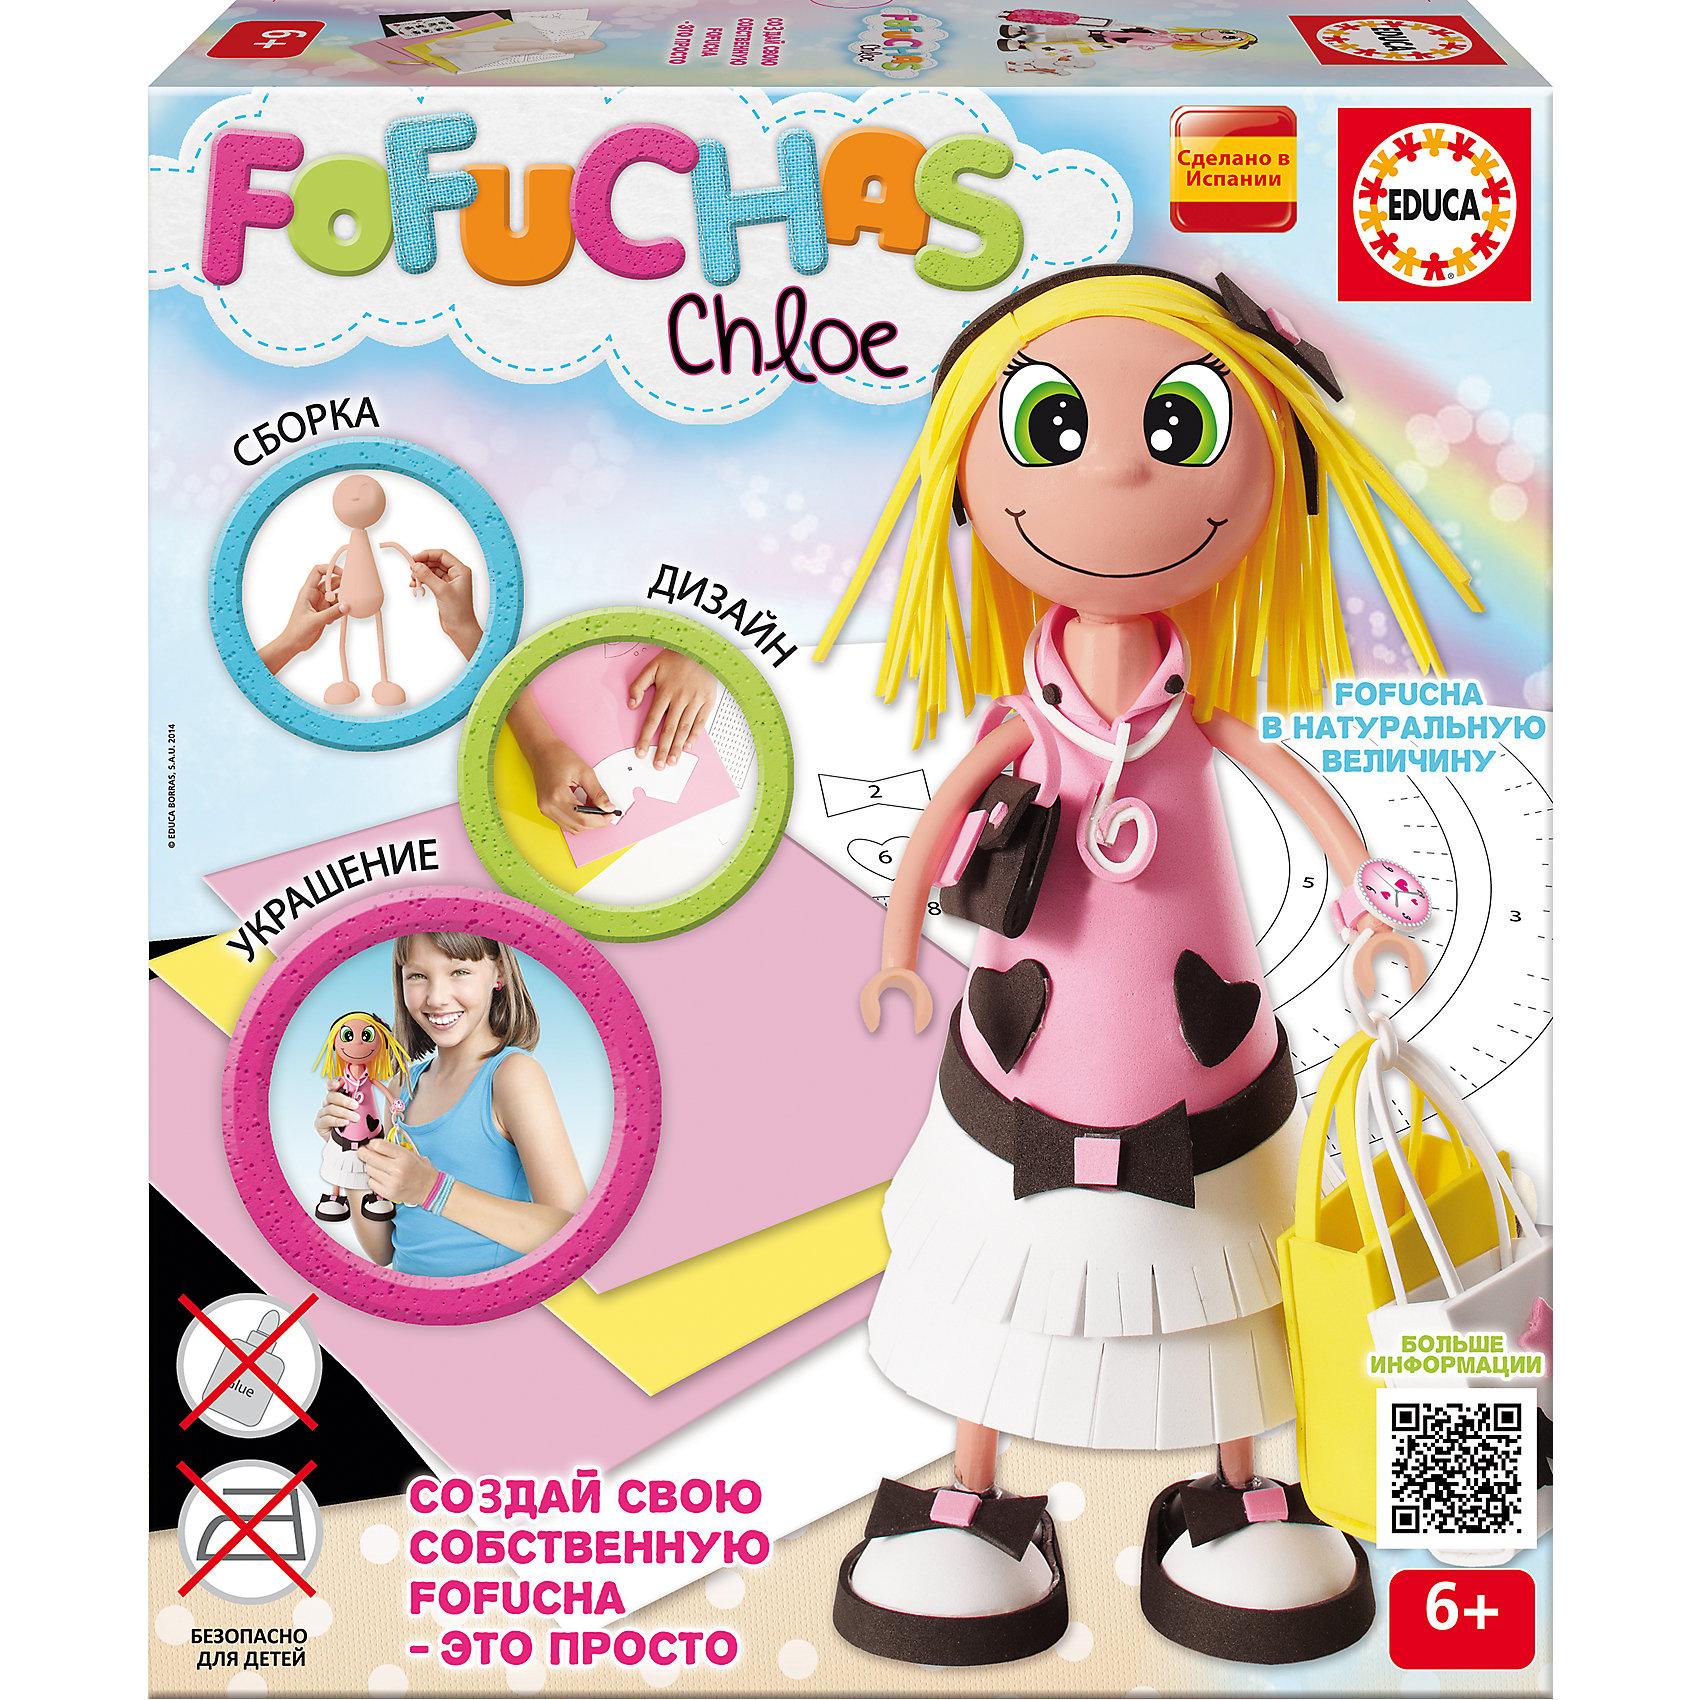 Набор для творчества в виде куклы Фофуча ХлояНабор для творчества в виде куклы Фофуча Хлоя – это набор в виде куклы в разобранном виде.<br>С помощью набора для творчества Фофуча Хлоя маленькие мастерицы смогут создать милую и симпатичную куколку Хлою. Слово Фофуча пришло из Бразилии и означает милая и симпатичная, так же называется и эти привлекательные куколки с длинными ногами и круглыми головами. Каждая Fofucha (Фофуча) так же уникальна, как и человек, ее создавший. Создать свою яркую, веселую, забавную и жизнерадостную Fofucha - это просто!<br><br>Дополнительная информация:<br><br>- В наборе: сборное тело куклы из пластика, 5 листов ЭВА, скотч, схемы, картонные детали, самоклеящиеся глаза и рот, инструкция<br>- Материал: пластик, ЭВА, картон, бумага, полимерный материал<br>- Не требуется утюга и клея<br>- Упаковка: картонная коробка<br>- Размер упаковки: 330x290x70 мм.<br>- Вес: 644 гр.<br><br>Набор для творчества в виде куклы Фофуча Хлоя можно купить в нашем интернет-магазине.<br><br>Ширина мм: 335<br>Глубина мм: 295<br>Высота мм: 72<br>Вес г: 650<br>Возраст от месяцев: 72<br>Возраст до месяцев: 168<br>Пол: Женский<br>Возраст: Детский<br>SKU: 4316589